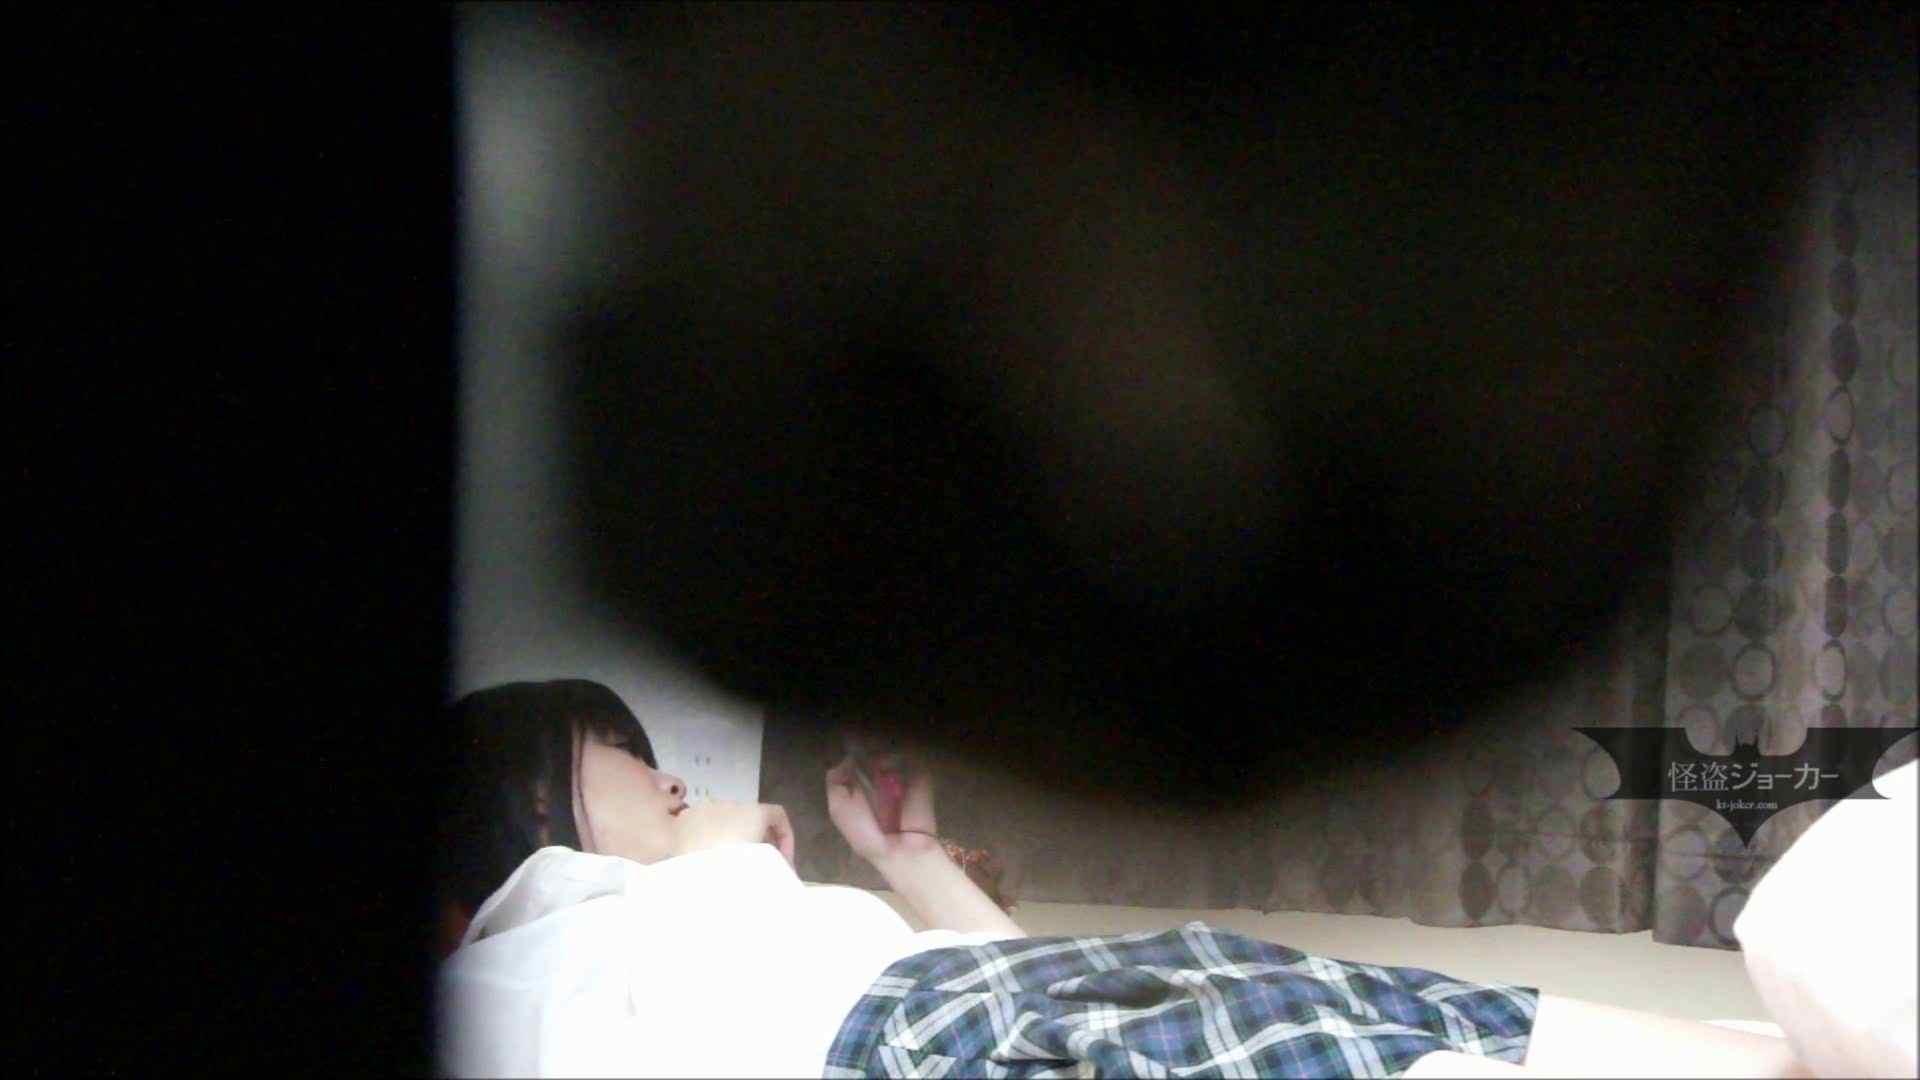 【未公開】vol.54【小春】脱衣所とオナニー隠し撮り 脱衣所  48連発 12